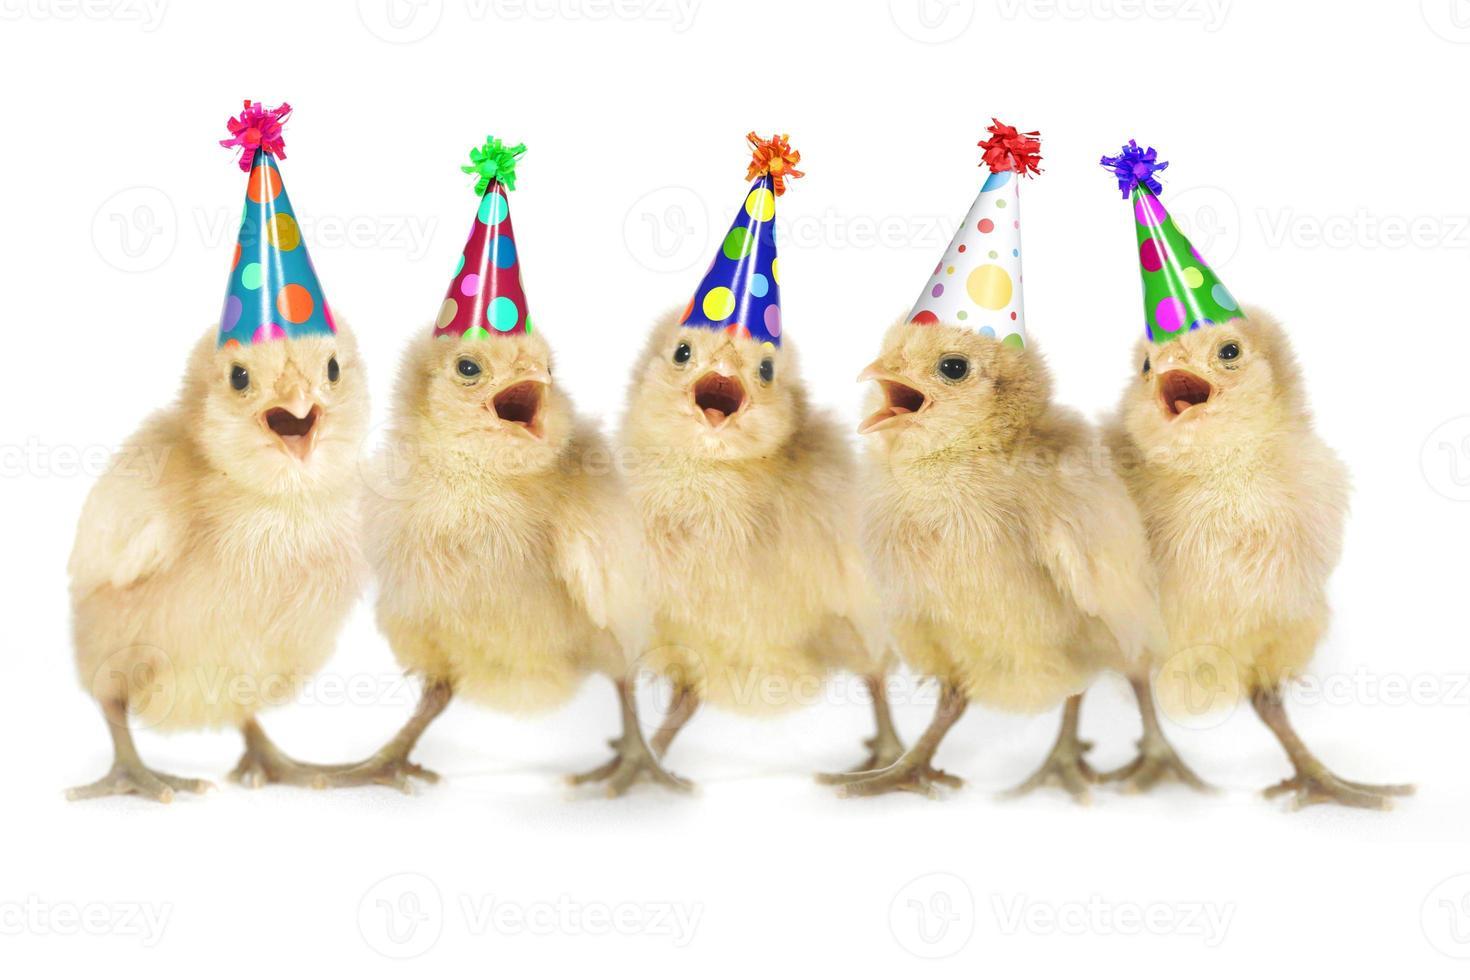 gula bebisungar sjunger grattis på födelsedagen foto